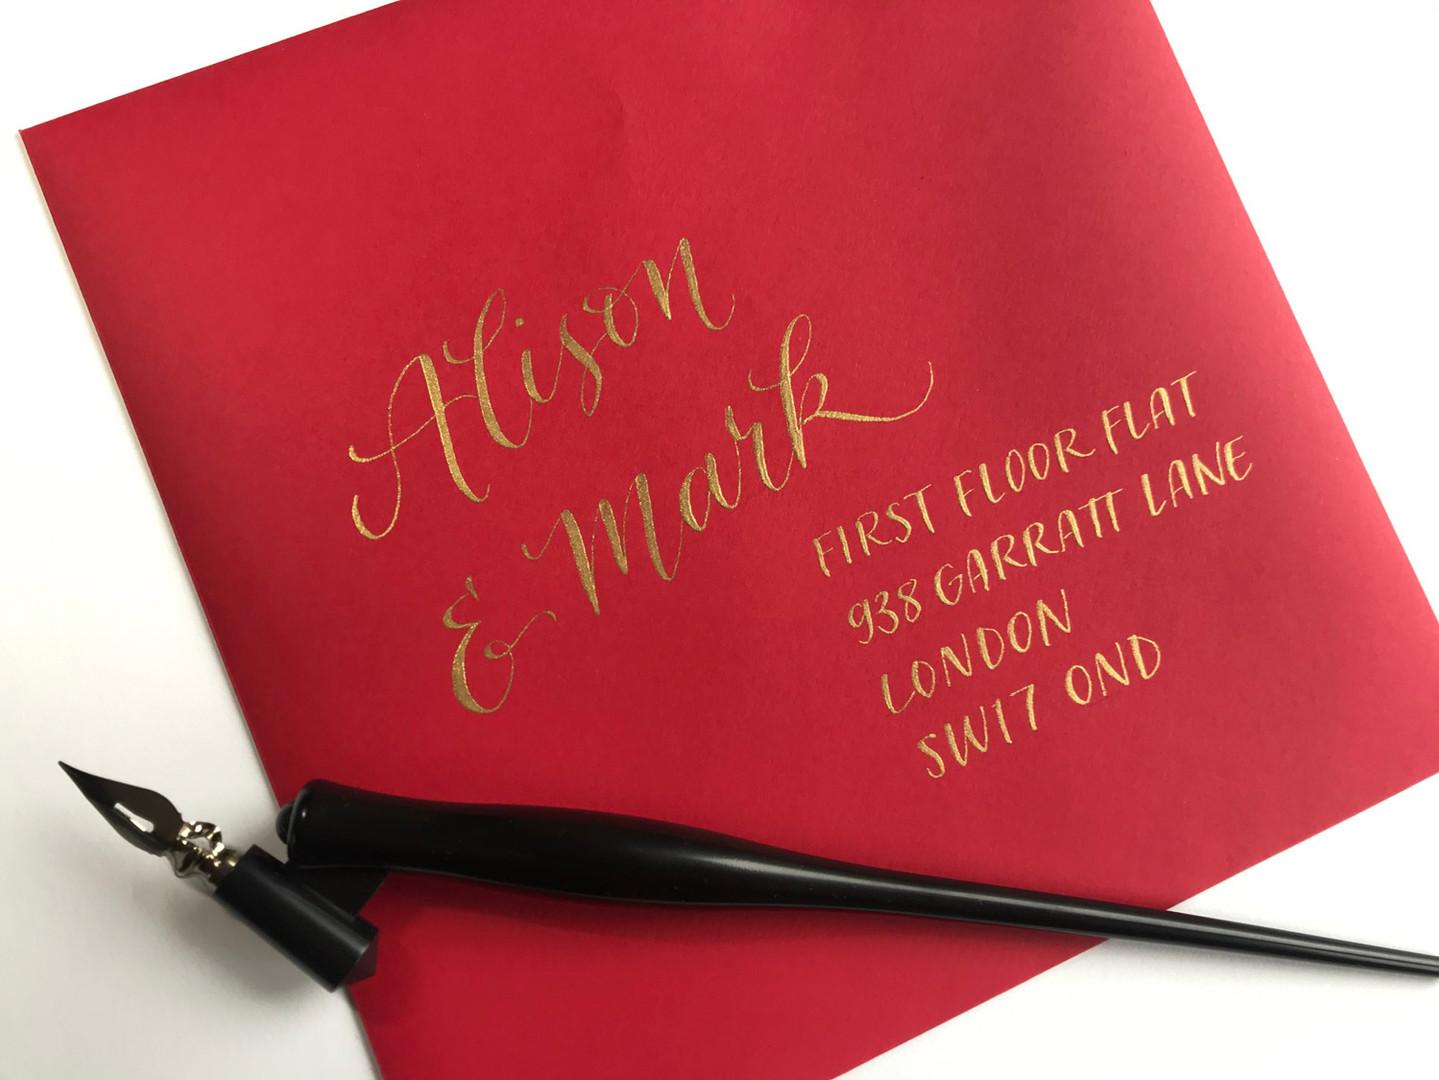 Gold ink on red envelope